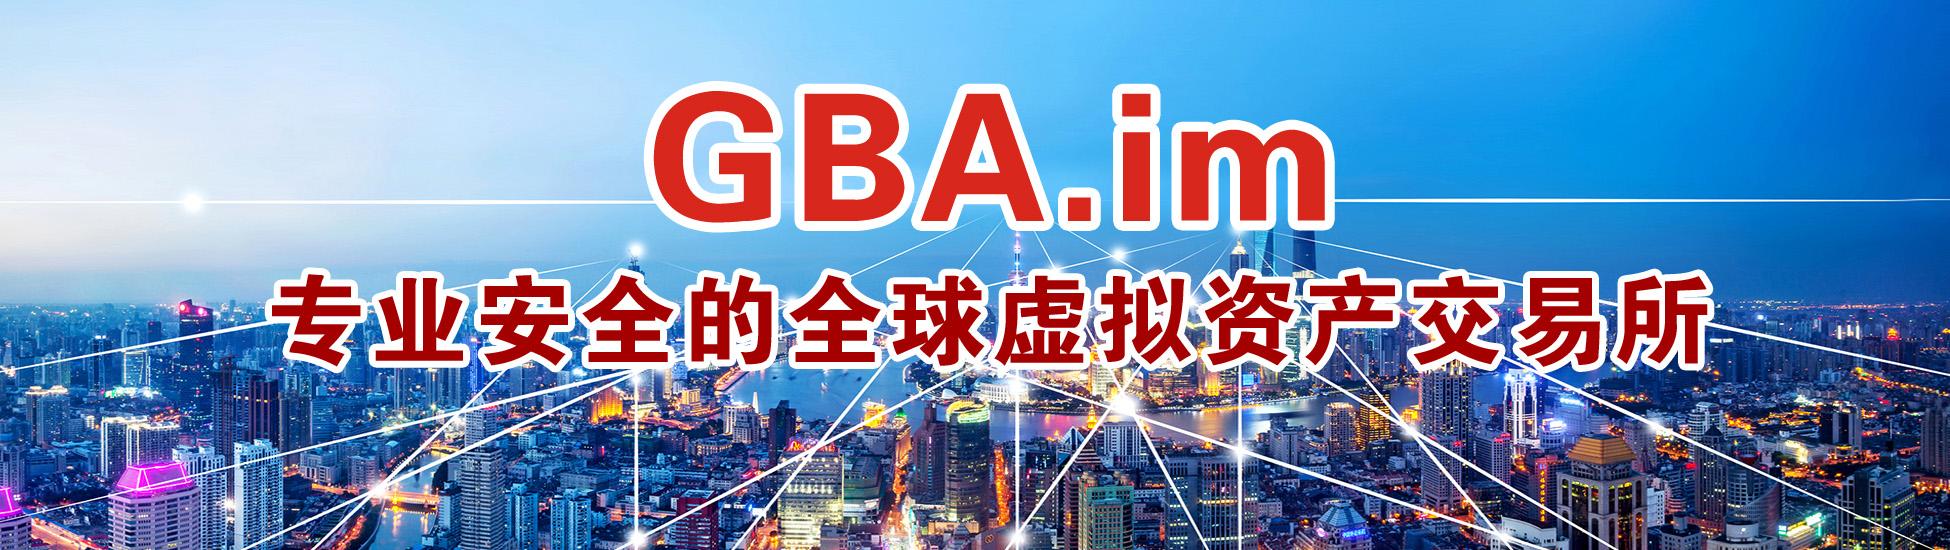 全球数字资产交易所GBA.im